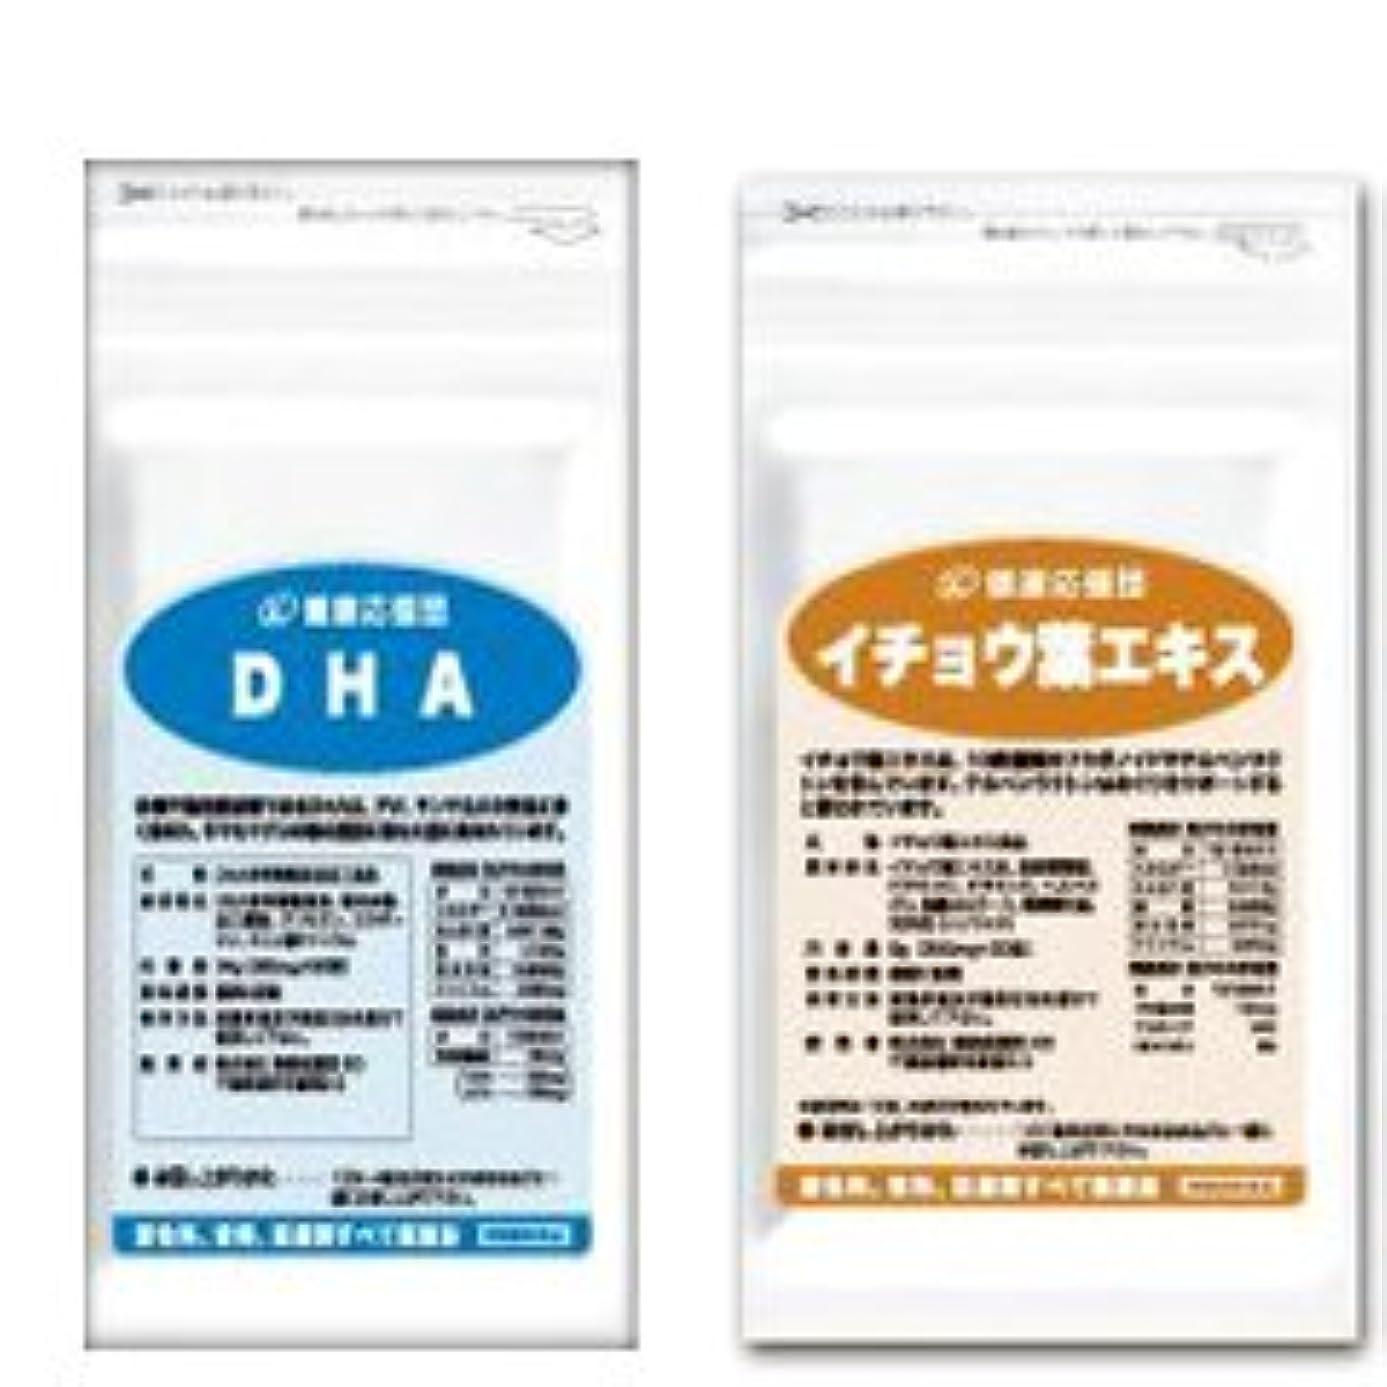 クレタ適度に国民(お徳用12か月分)サラサラ巡りセット DHA + イチョウ葉エキス 12袋&12袋セット(DHA?EPA?イチョウ葉?ビタミンC?ビタミンE?ビタミンP配合)